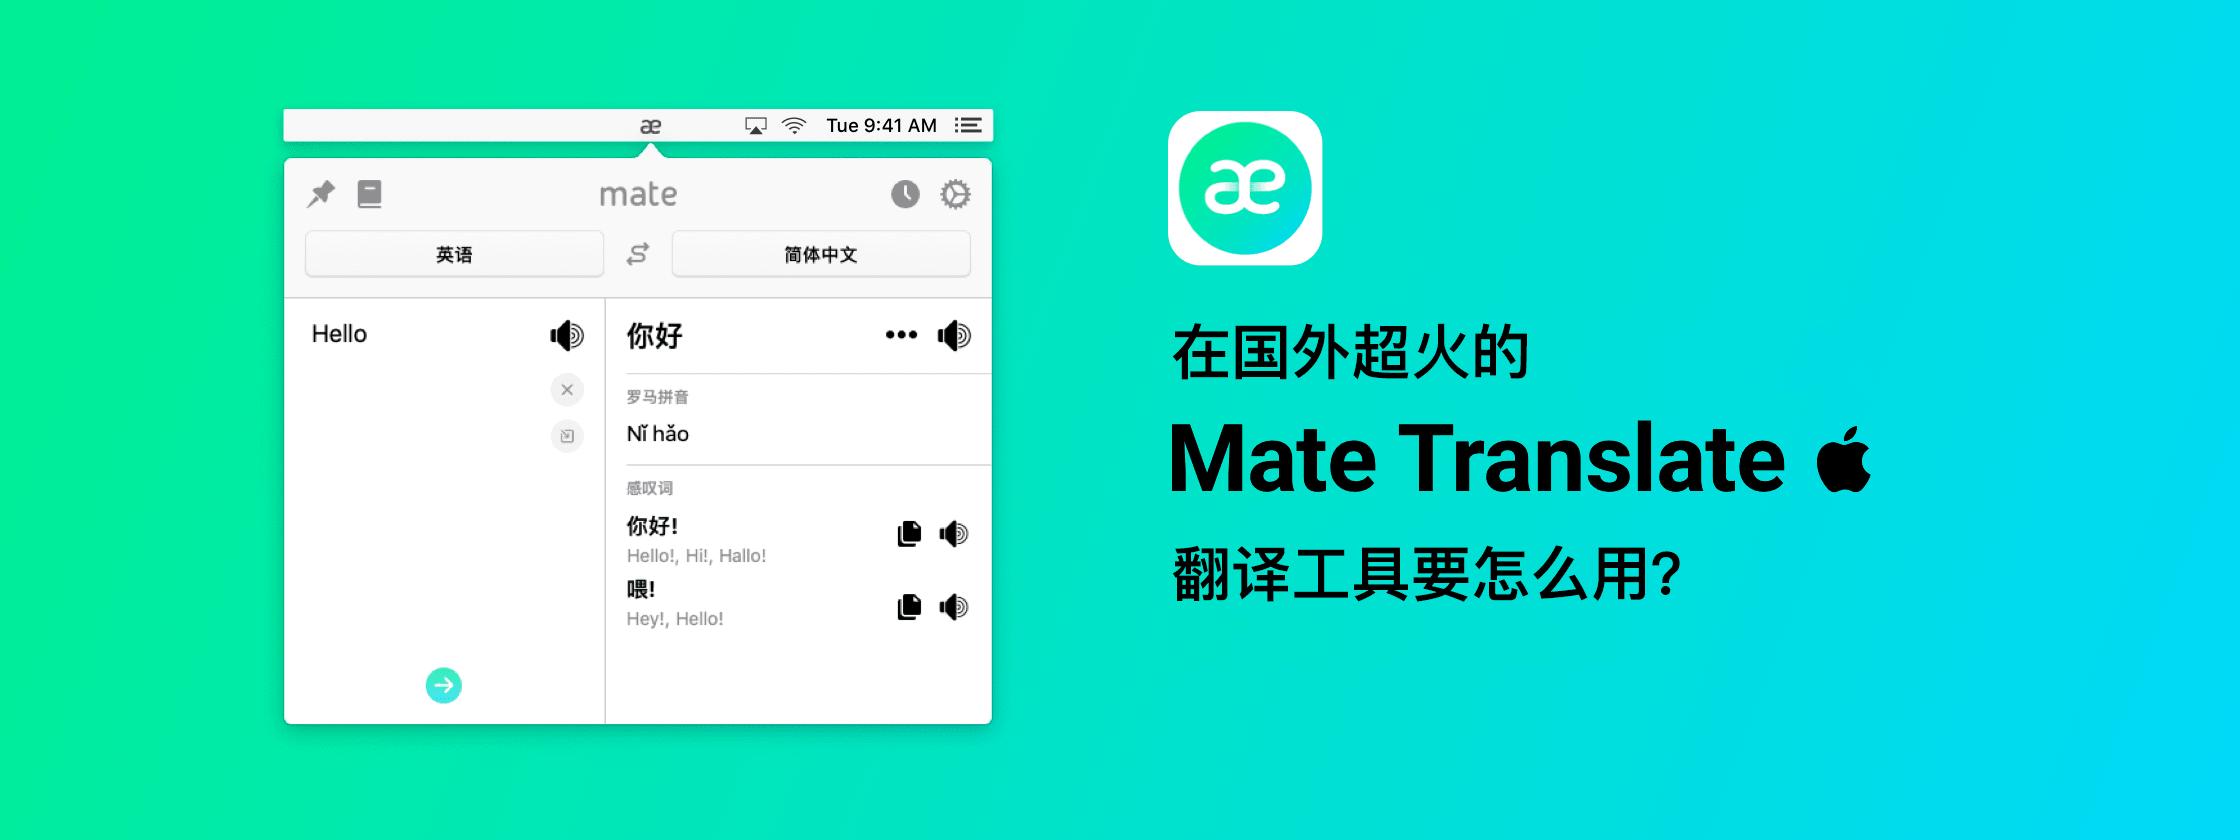 使用教程 | 在国外超火的 Mate Translate 翻译工具要怎么用?